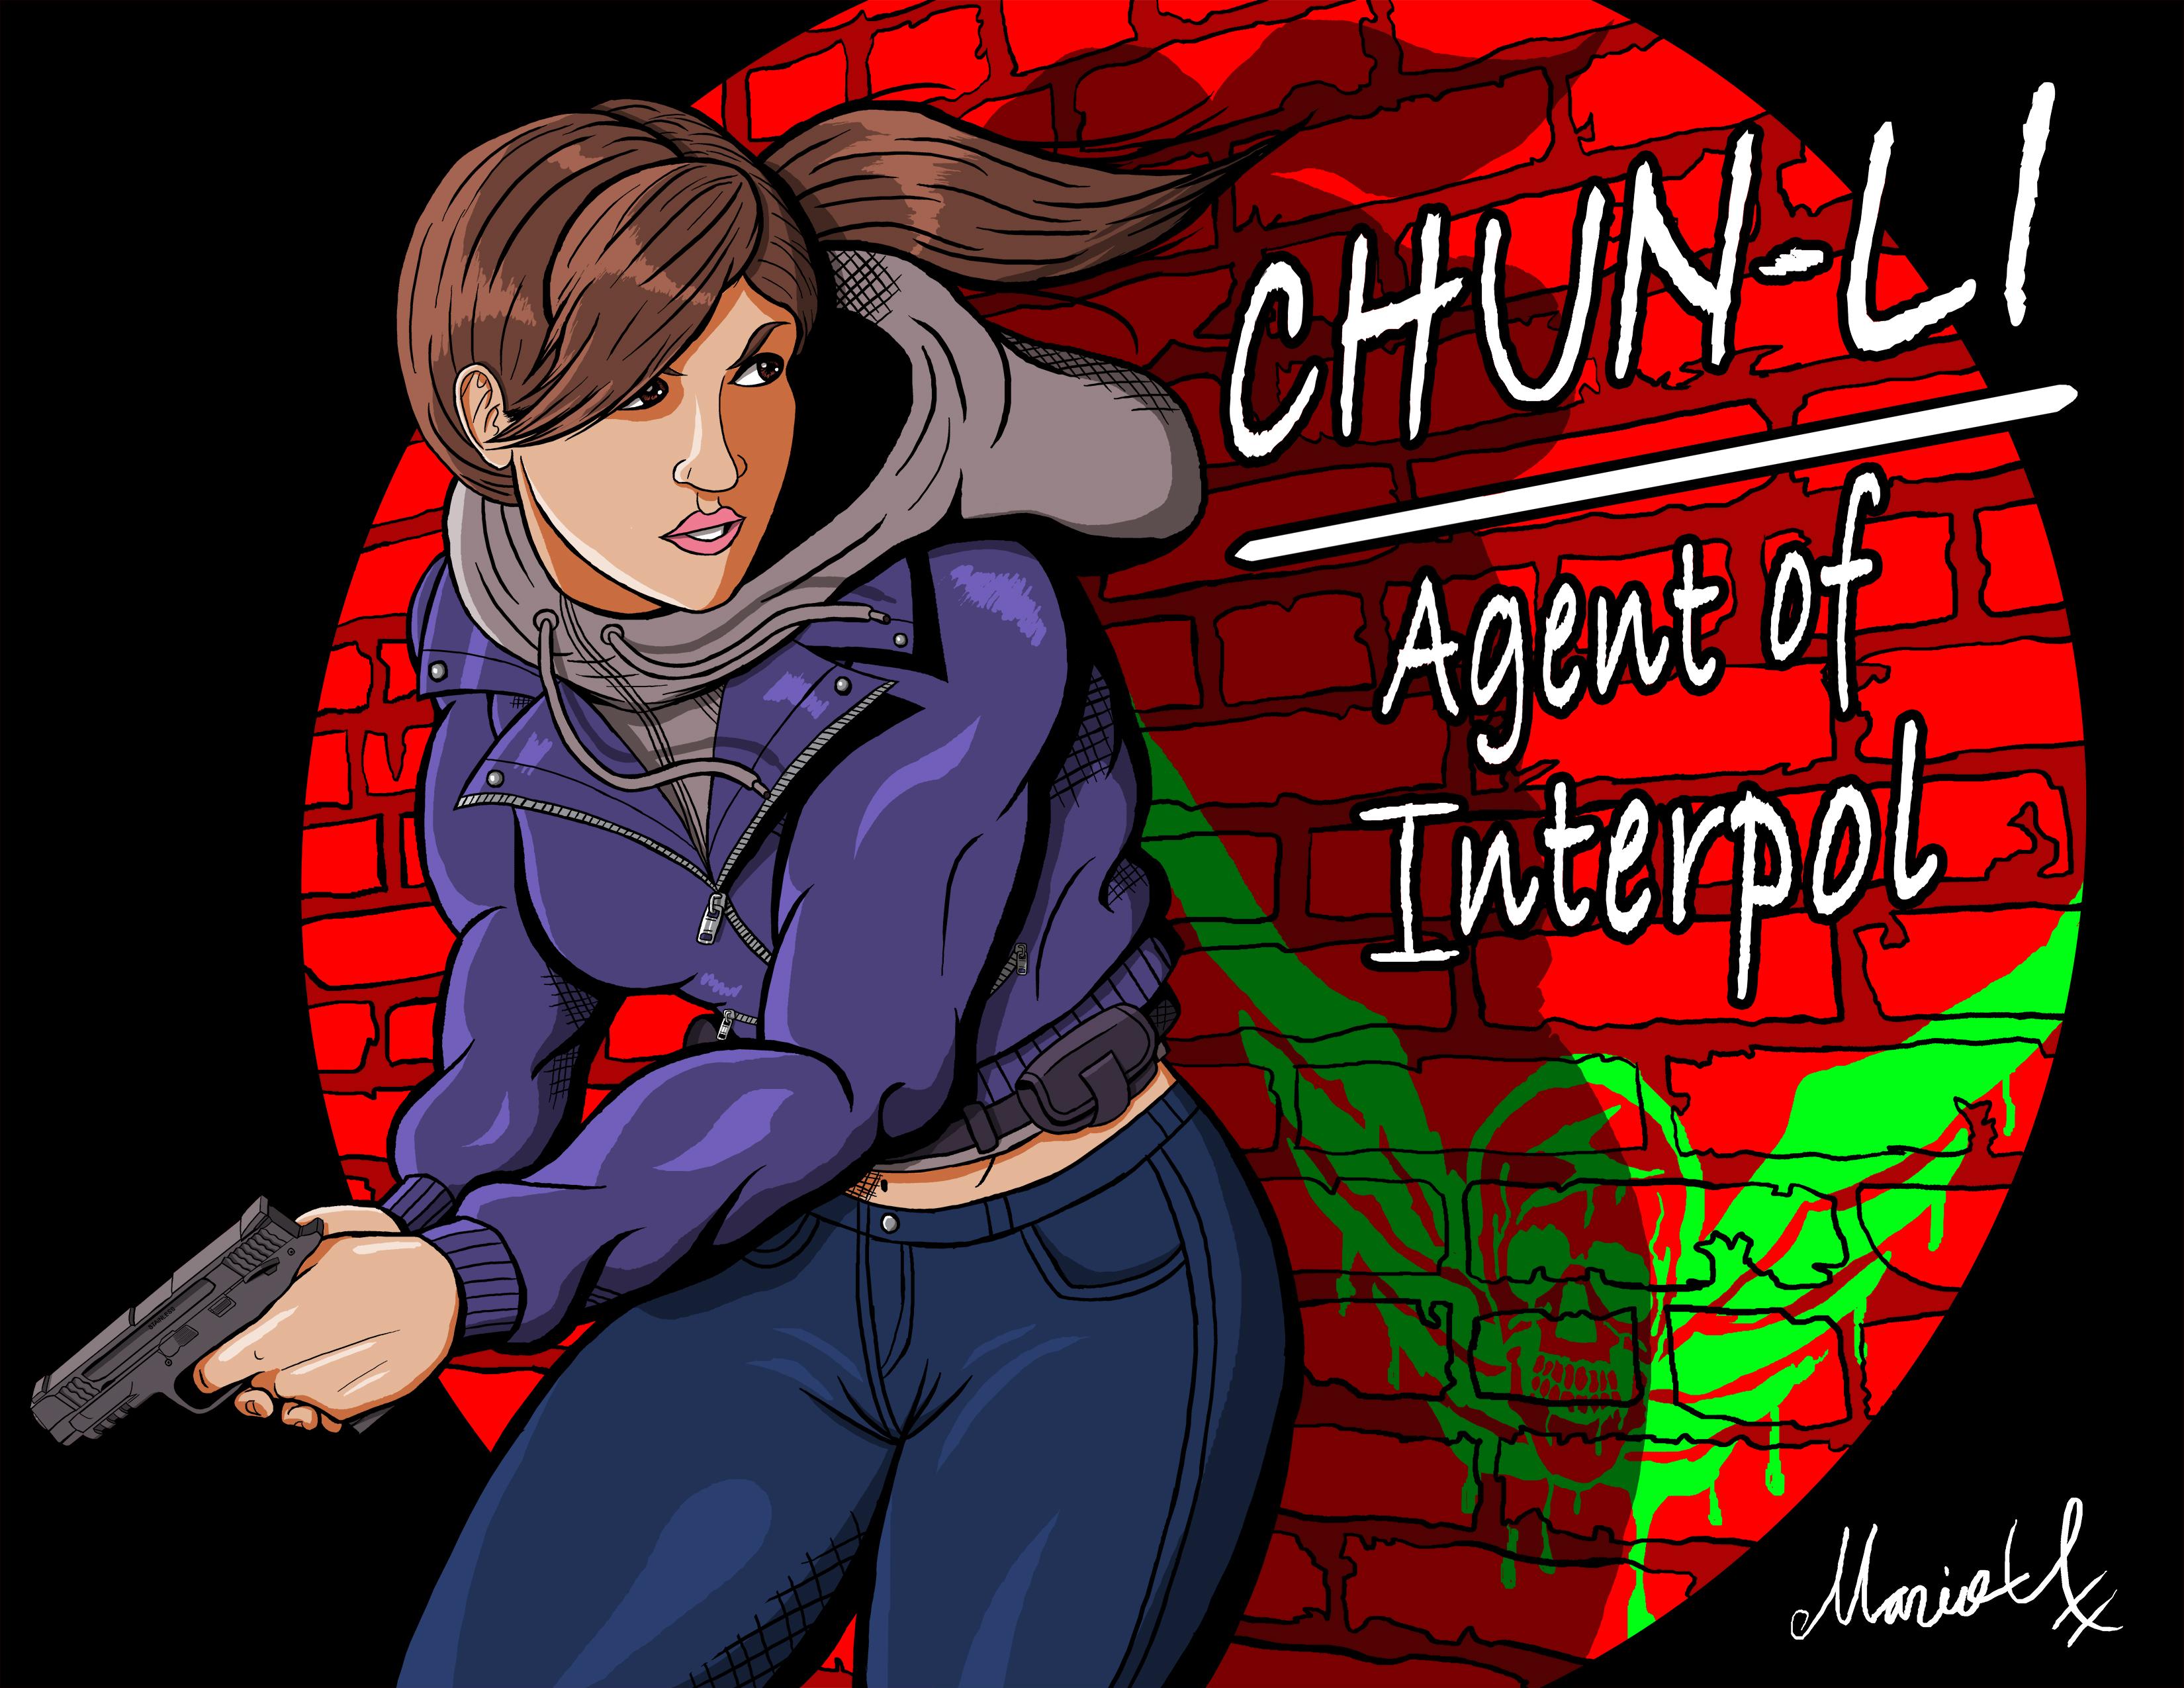 Undercover Chun Li Agent of Interpol Colored